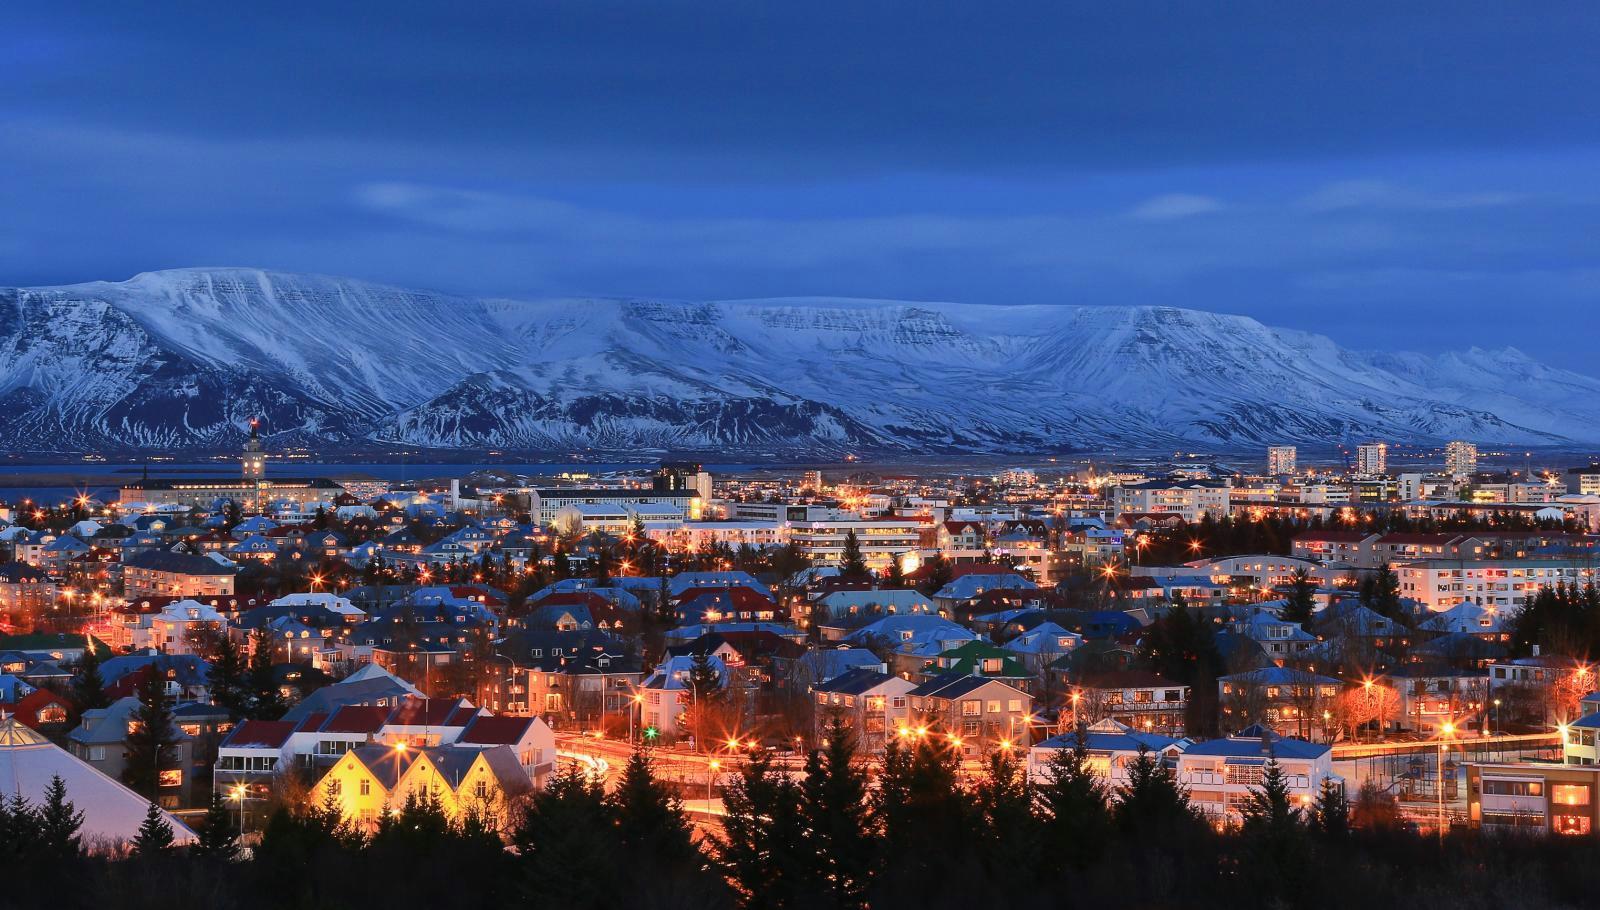 эксплуатировали исландия фото рейкьявик новые